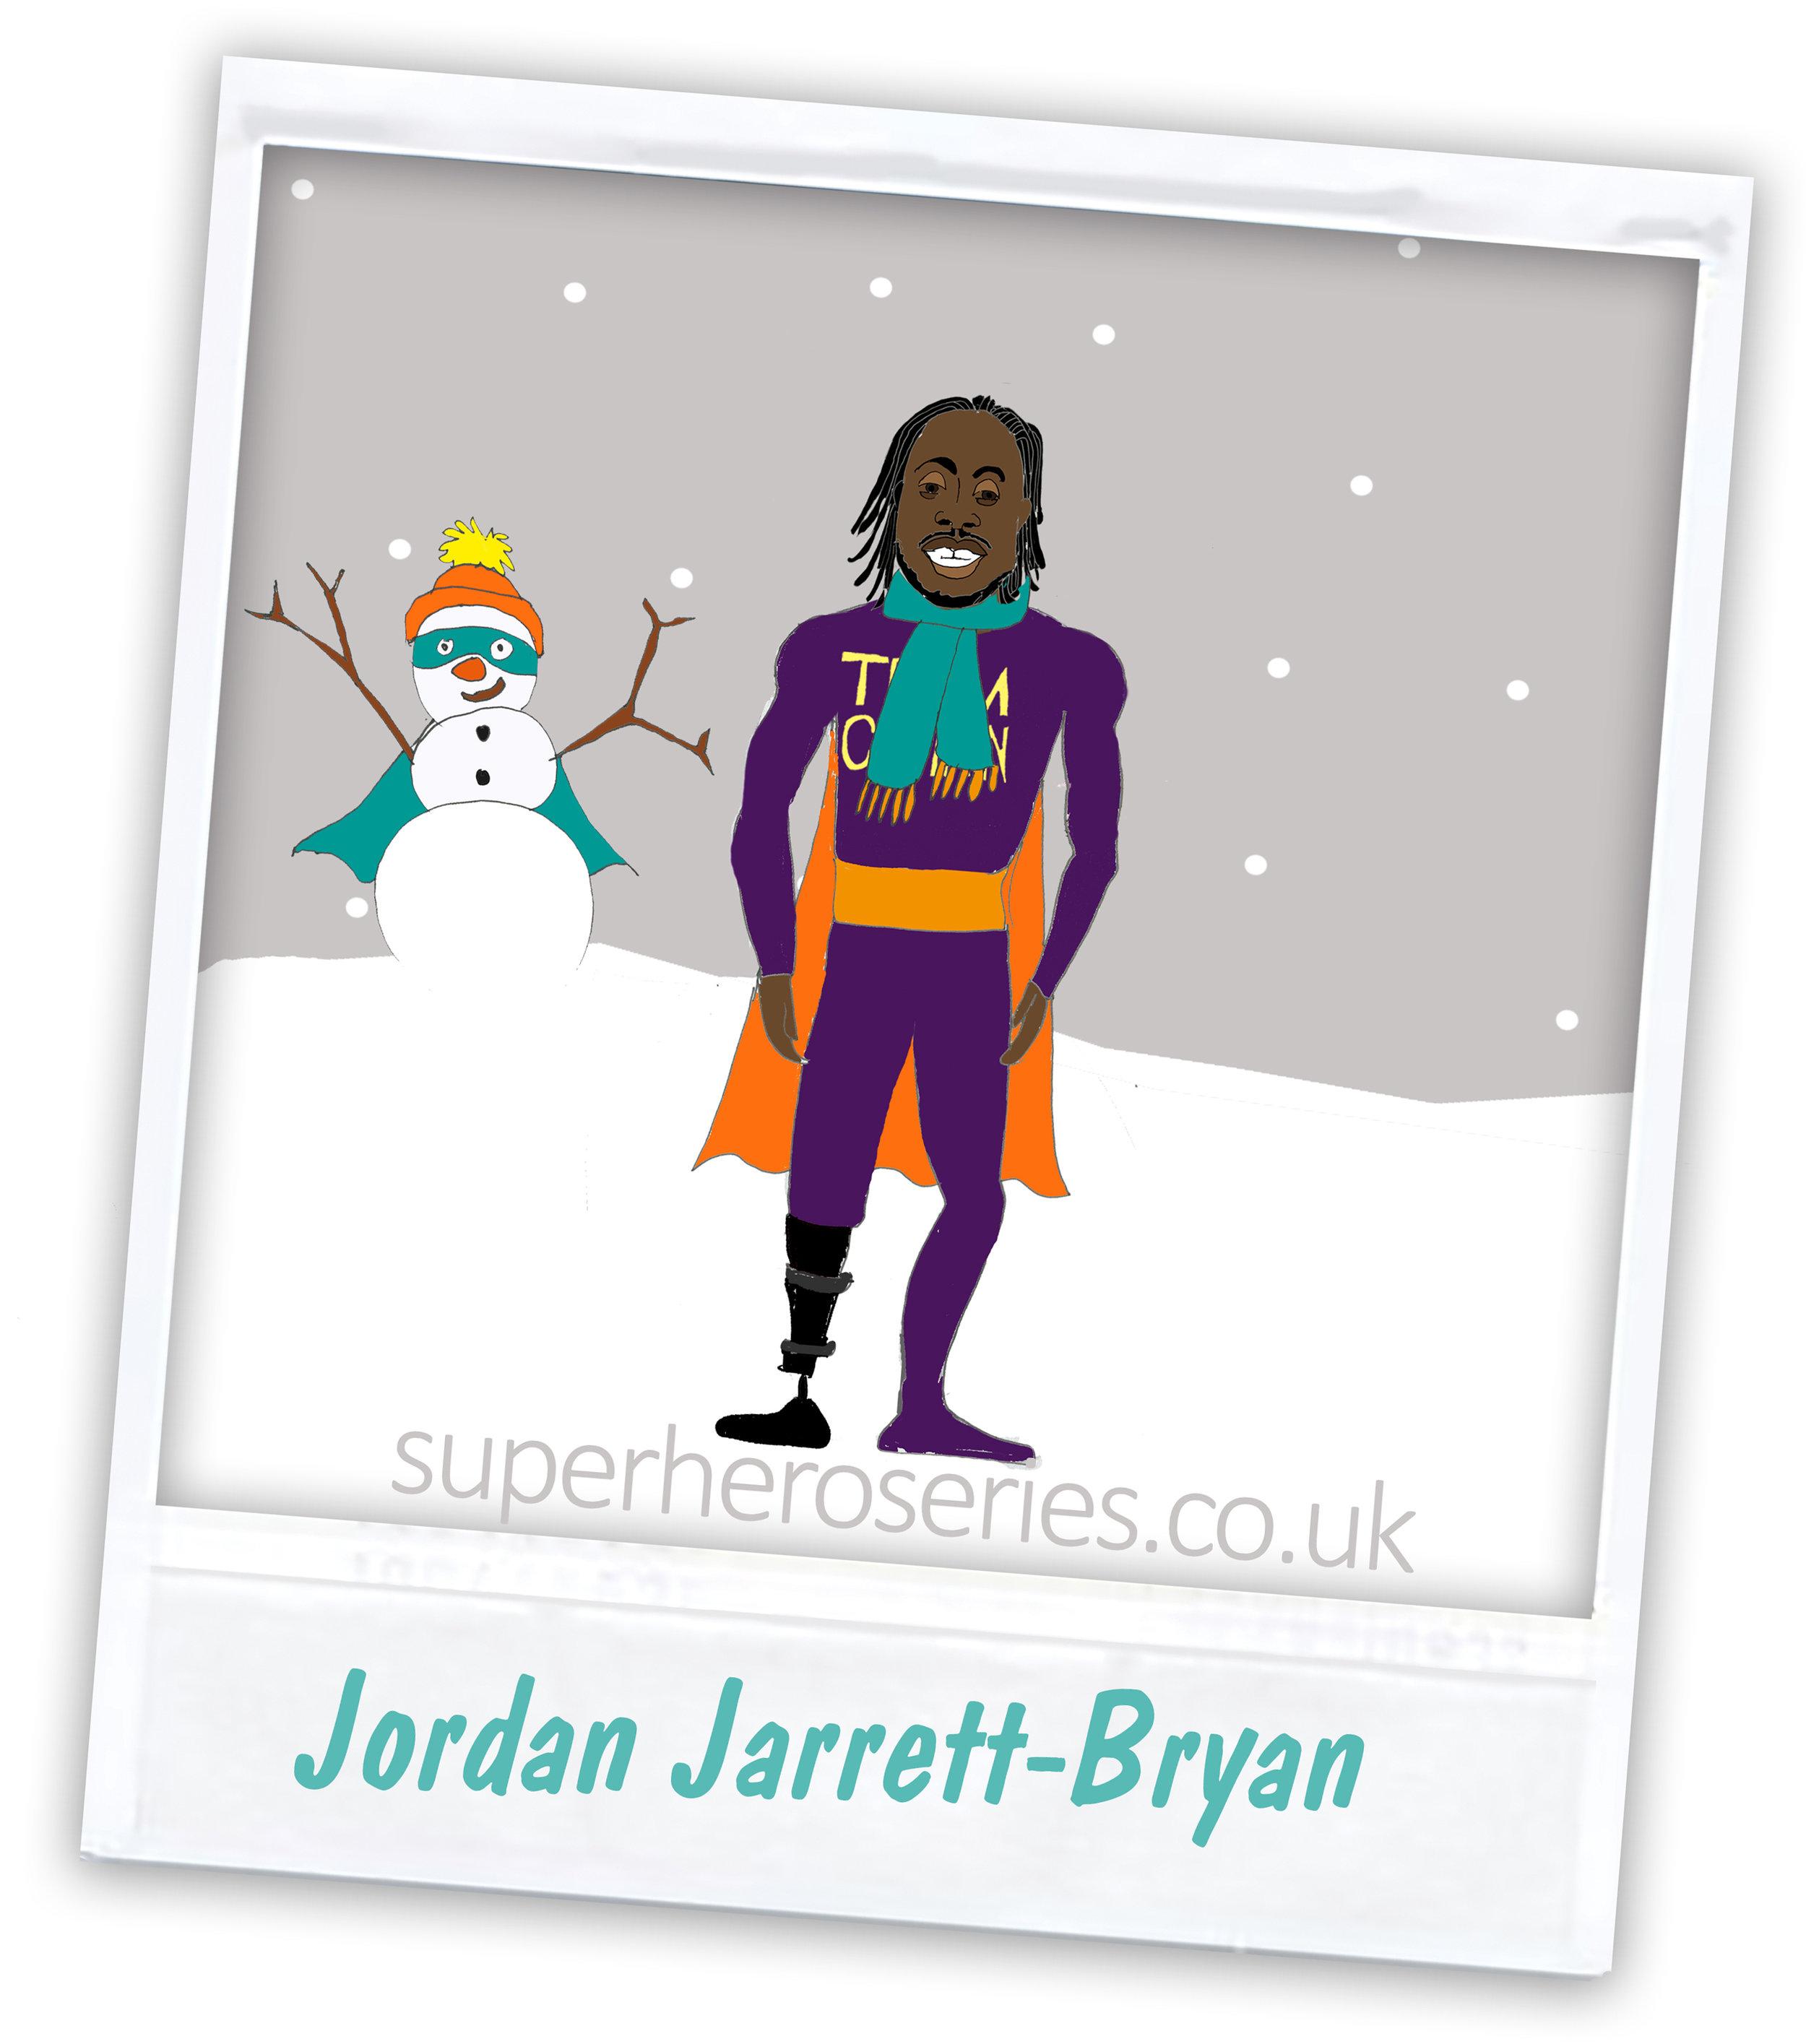 Jordan Jarrett bryan b.jpg